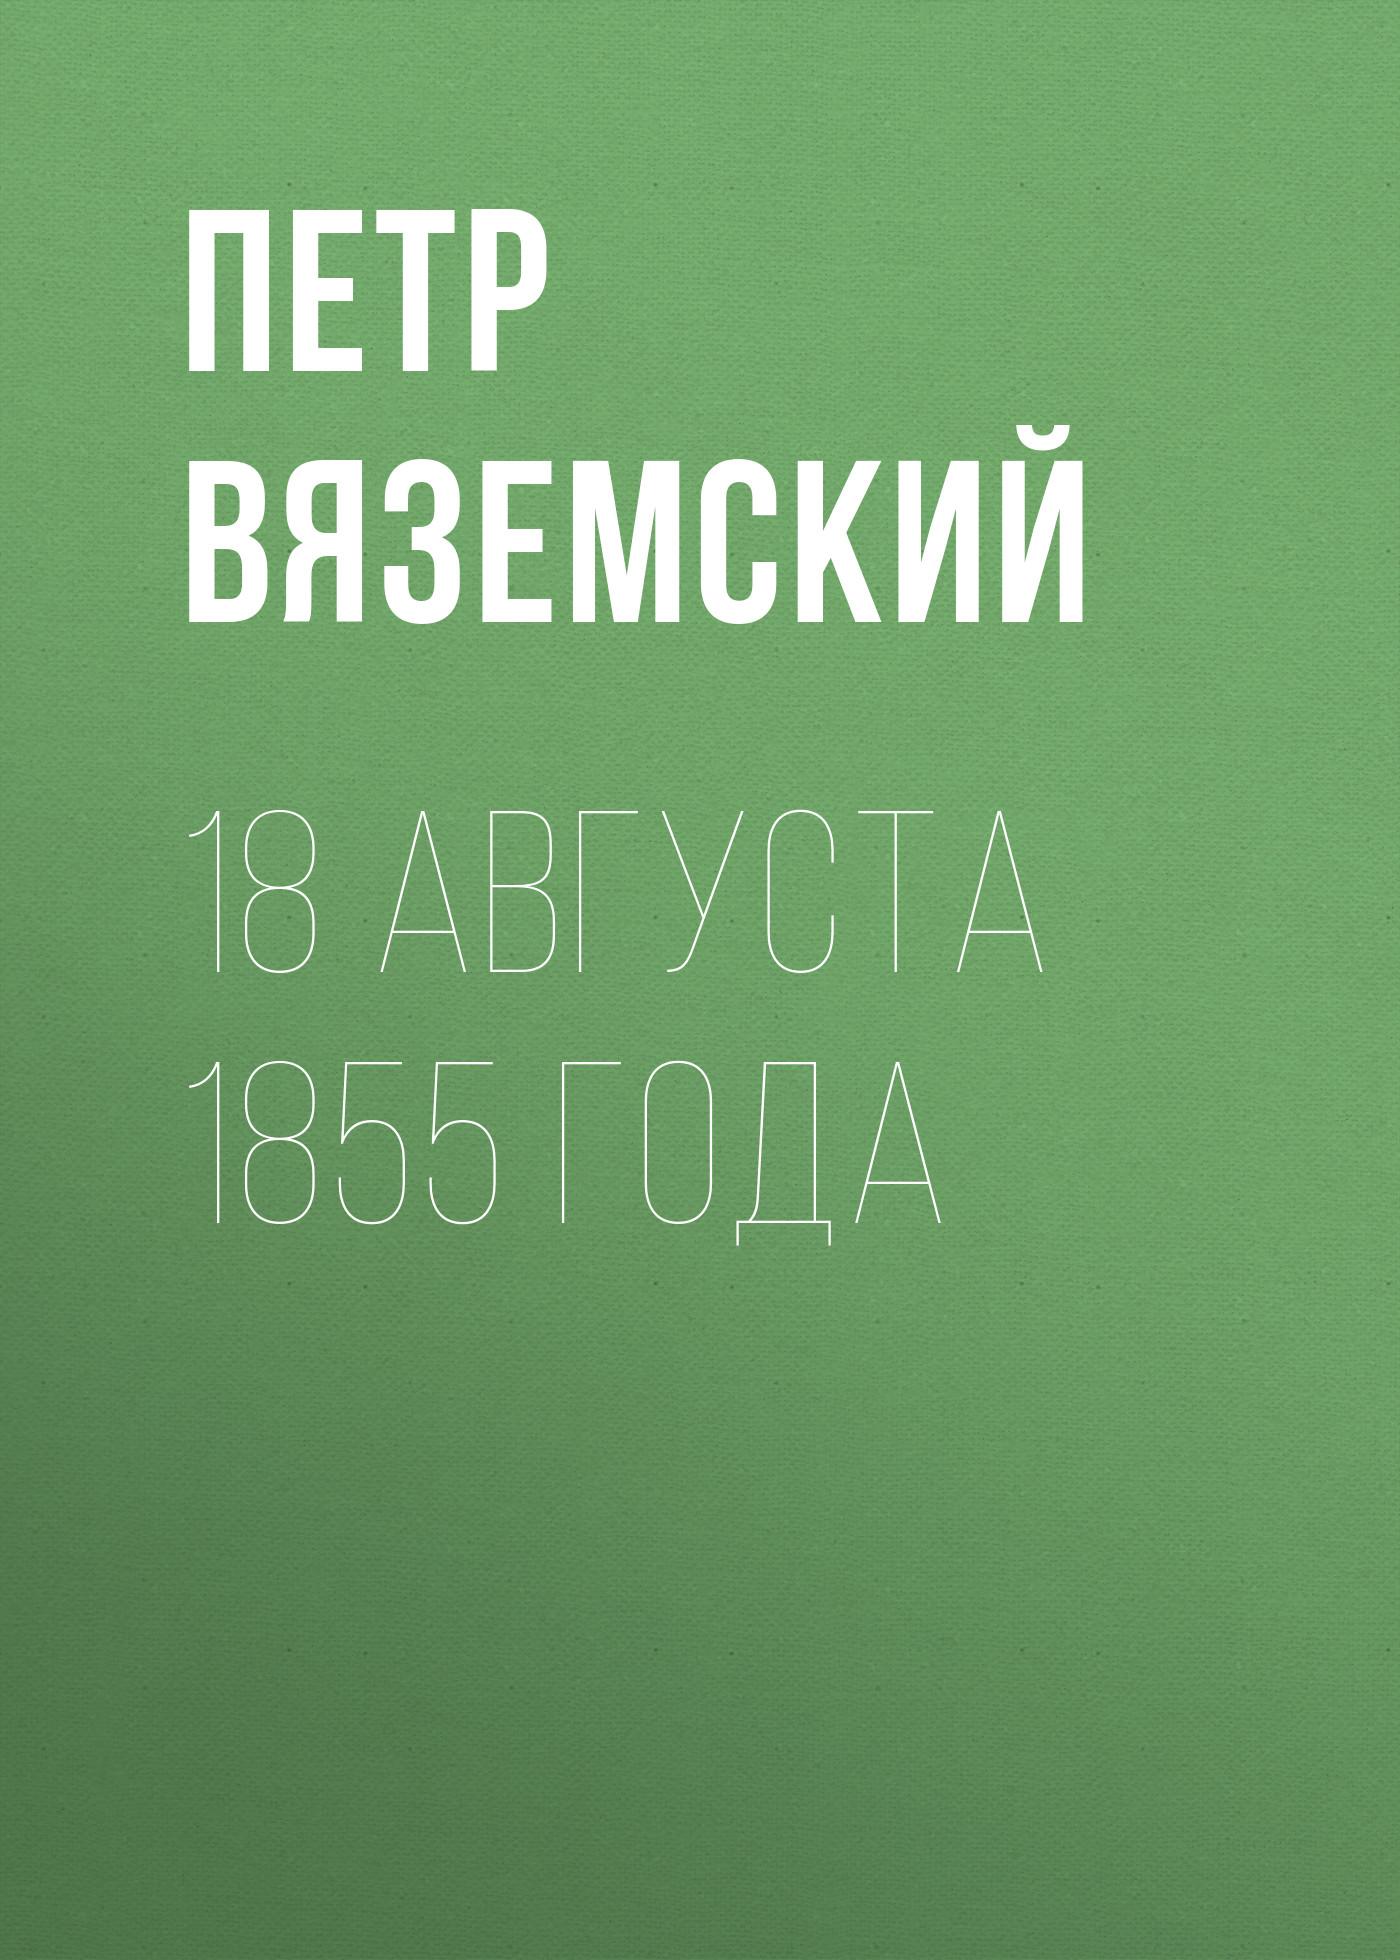 Петр Вяземский 18 августа 1855 года петр вяземский об издании стихотворений в л пушкина